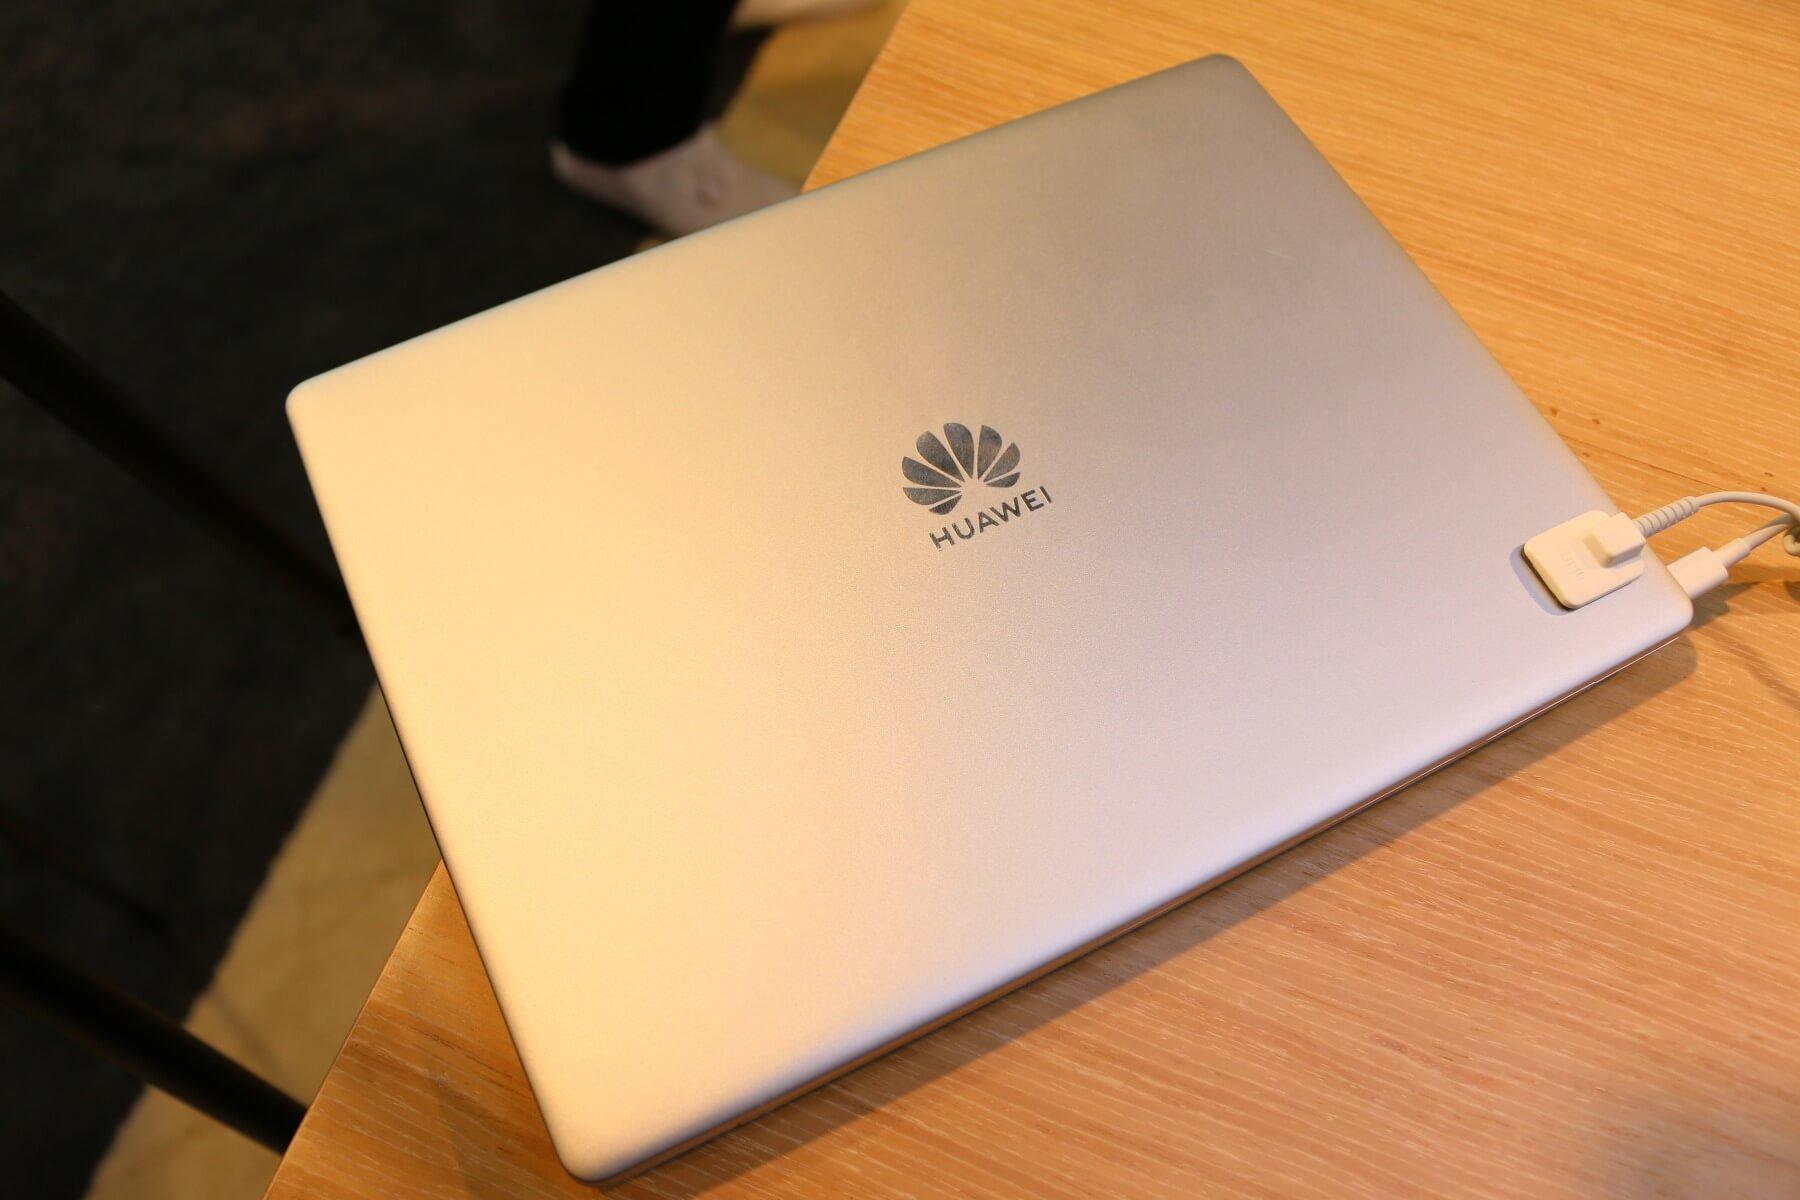 Huawei MateBook 13: Antwort auf das neue MacBook Air im Hands-On